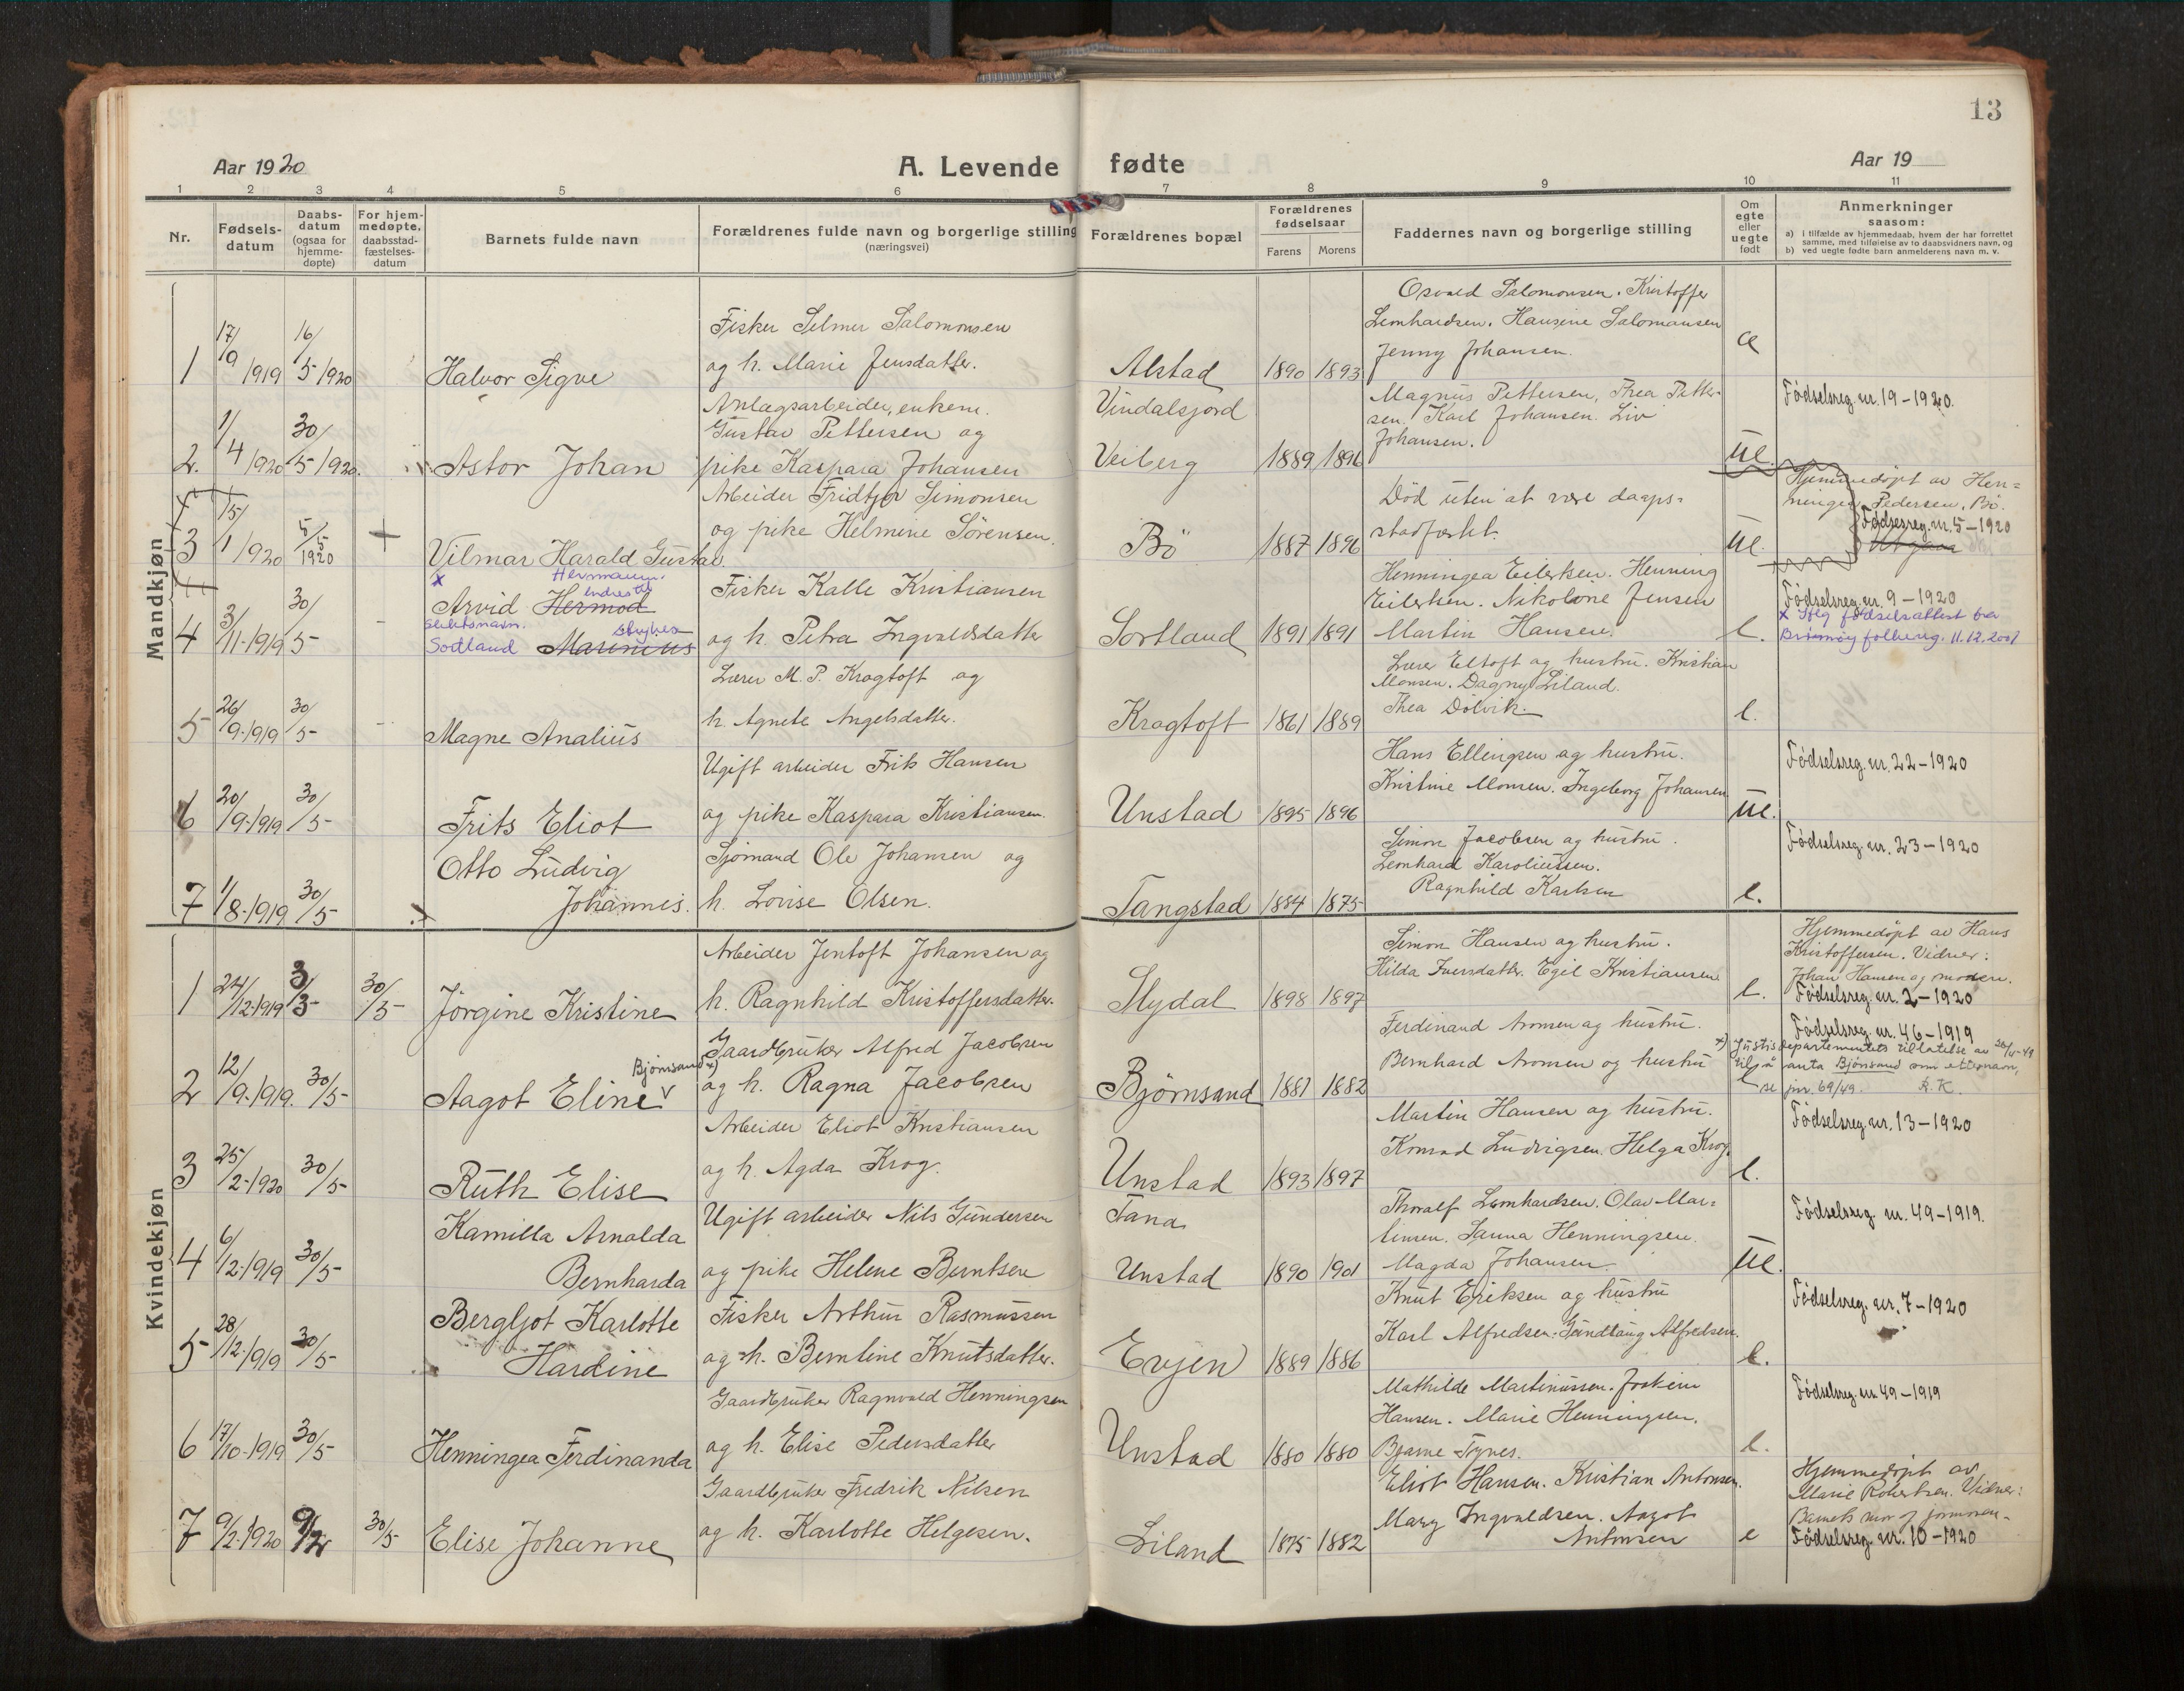 SAT, Ministerialprotokoller, klokkerbøker og fødselsregistre - Nordland, 880/L1136: Parish register (official) no. 880A10, 1919-1927, p. 13